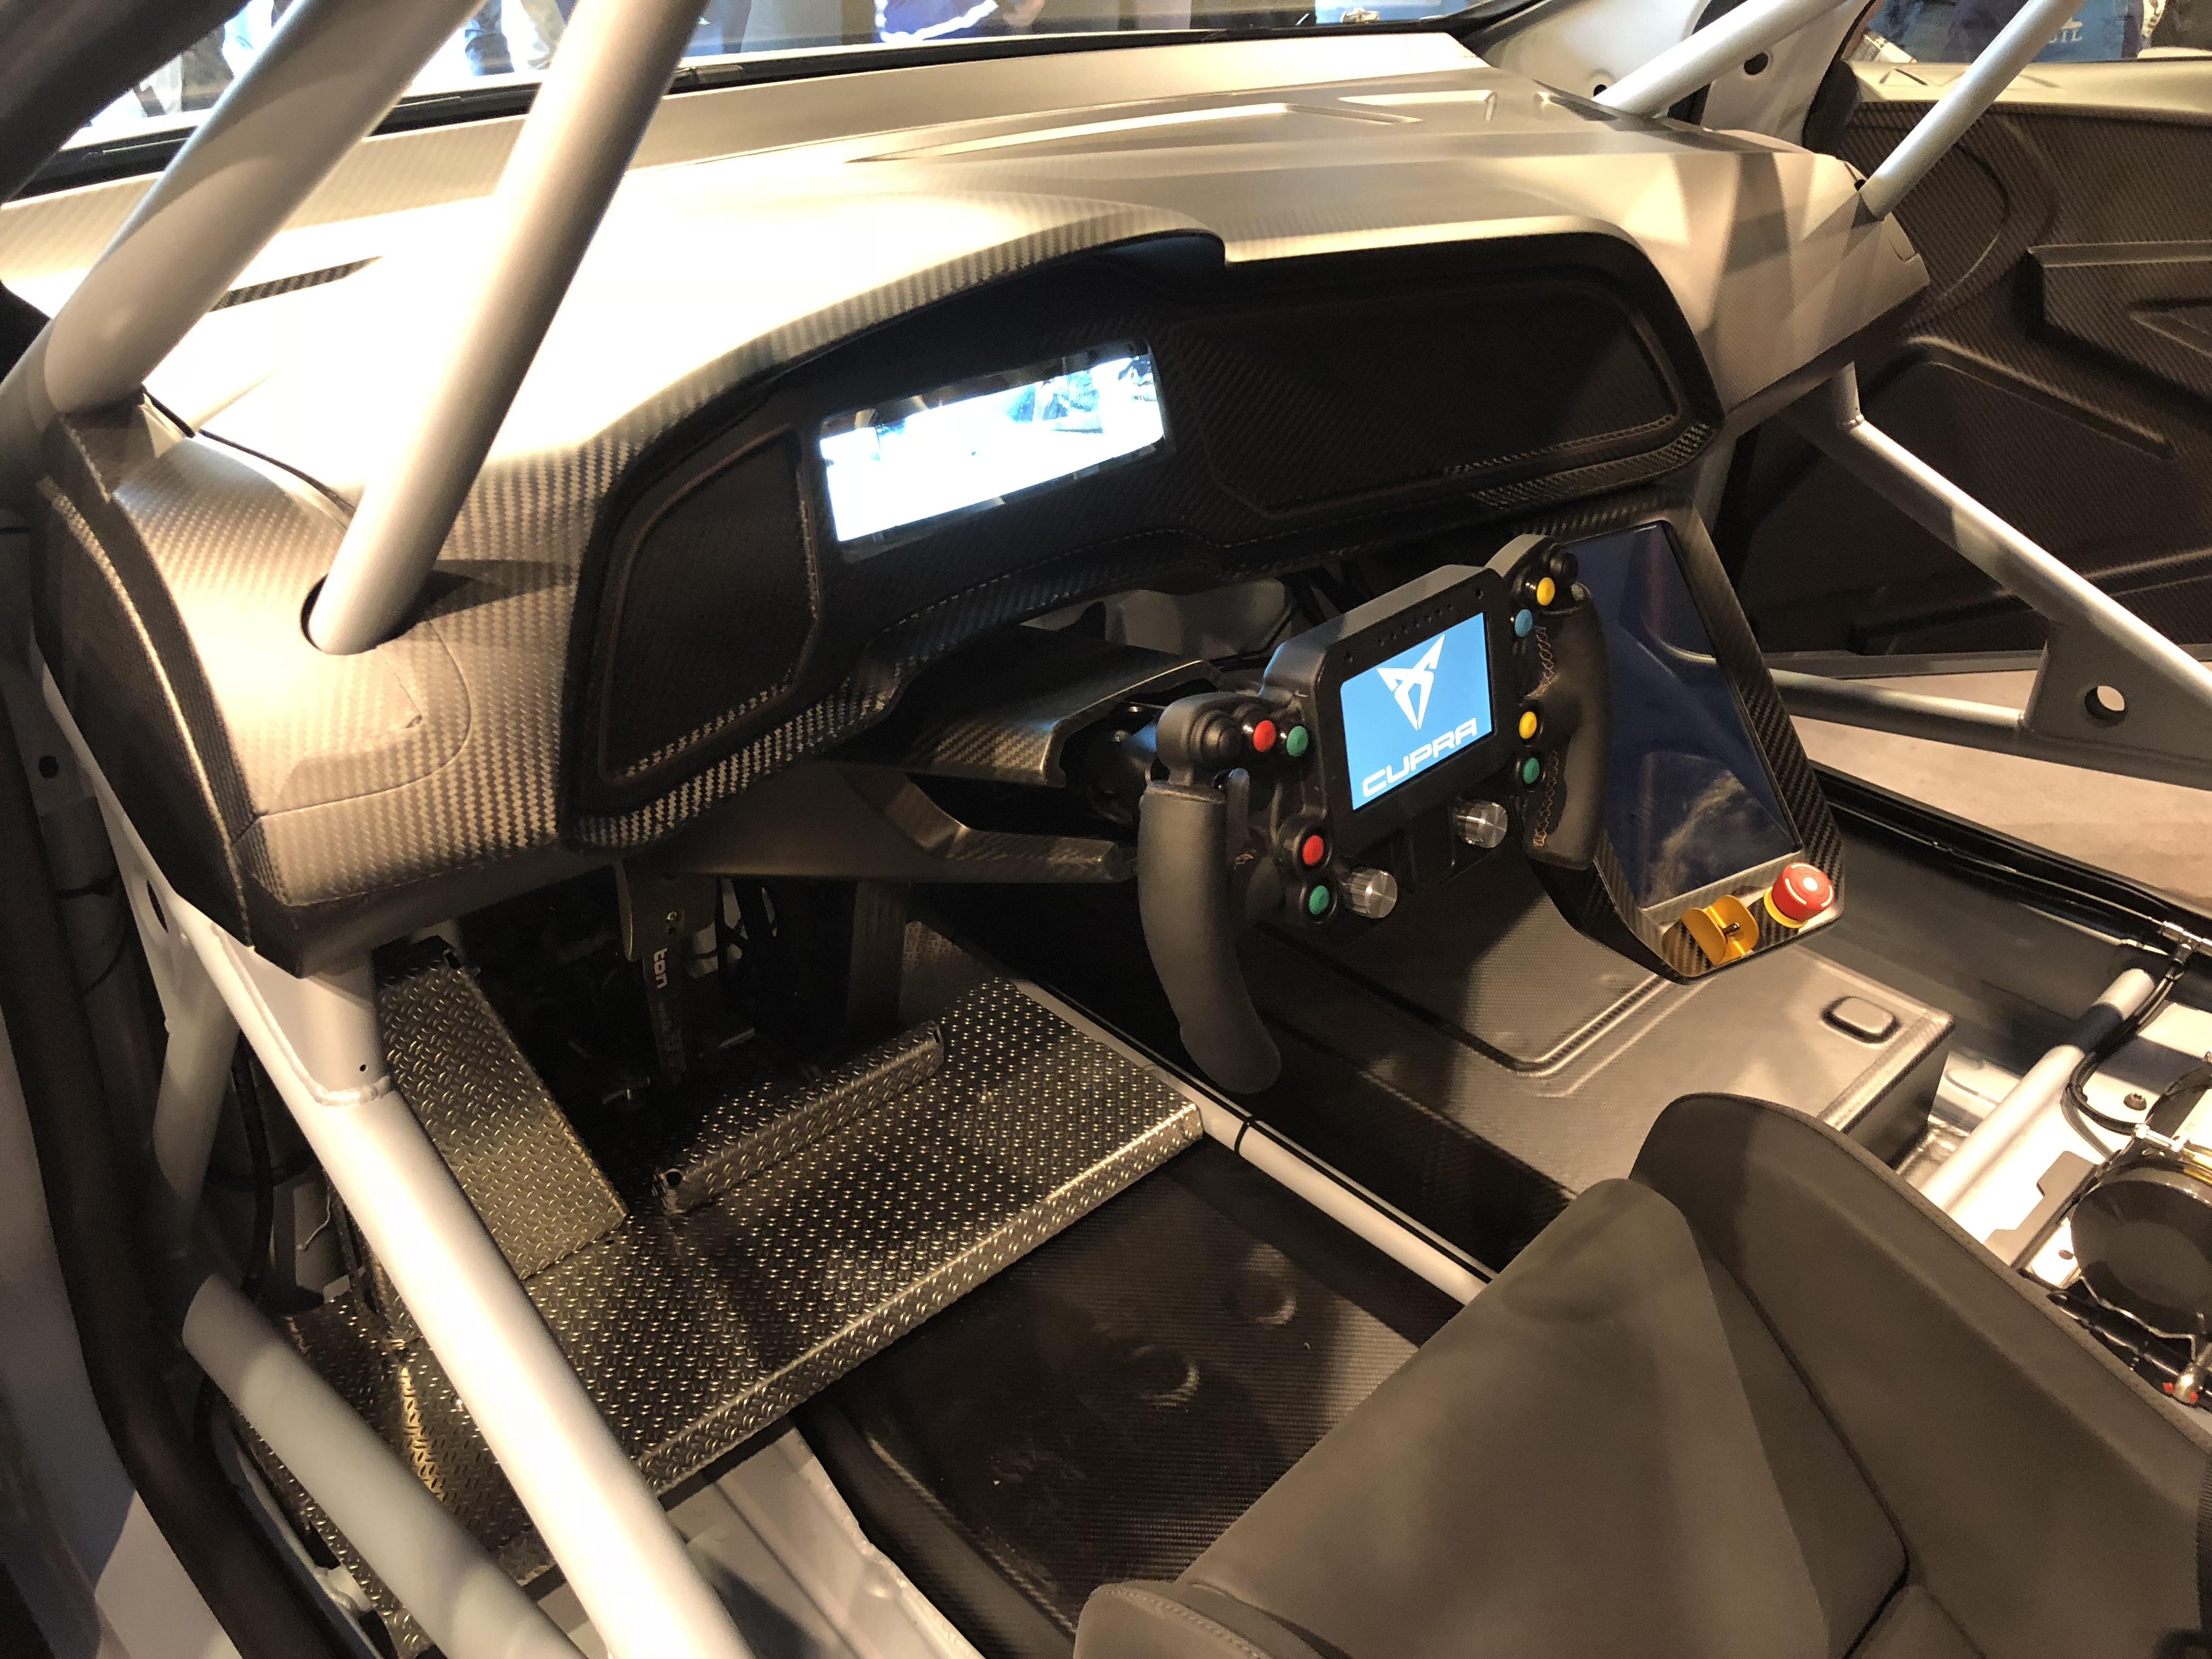 Nel 2020 prenderà il via l'ETCR, il campionato turismo per auto elettriche